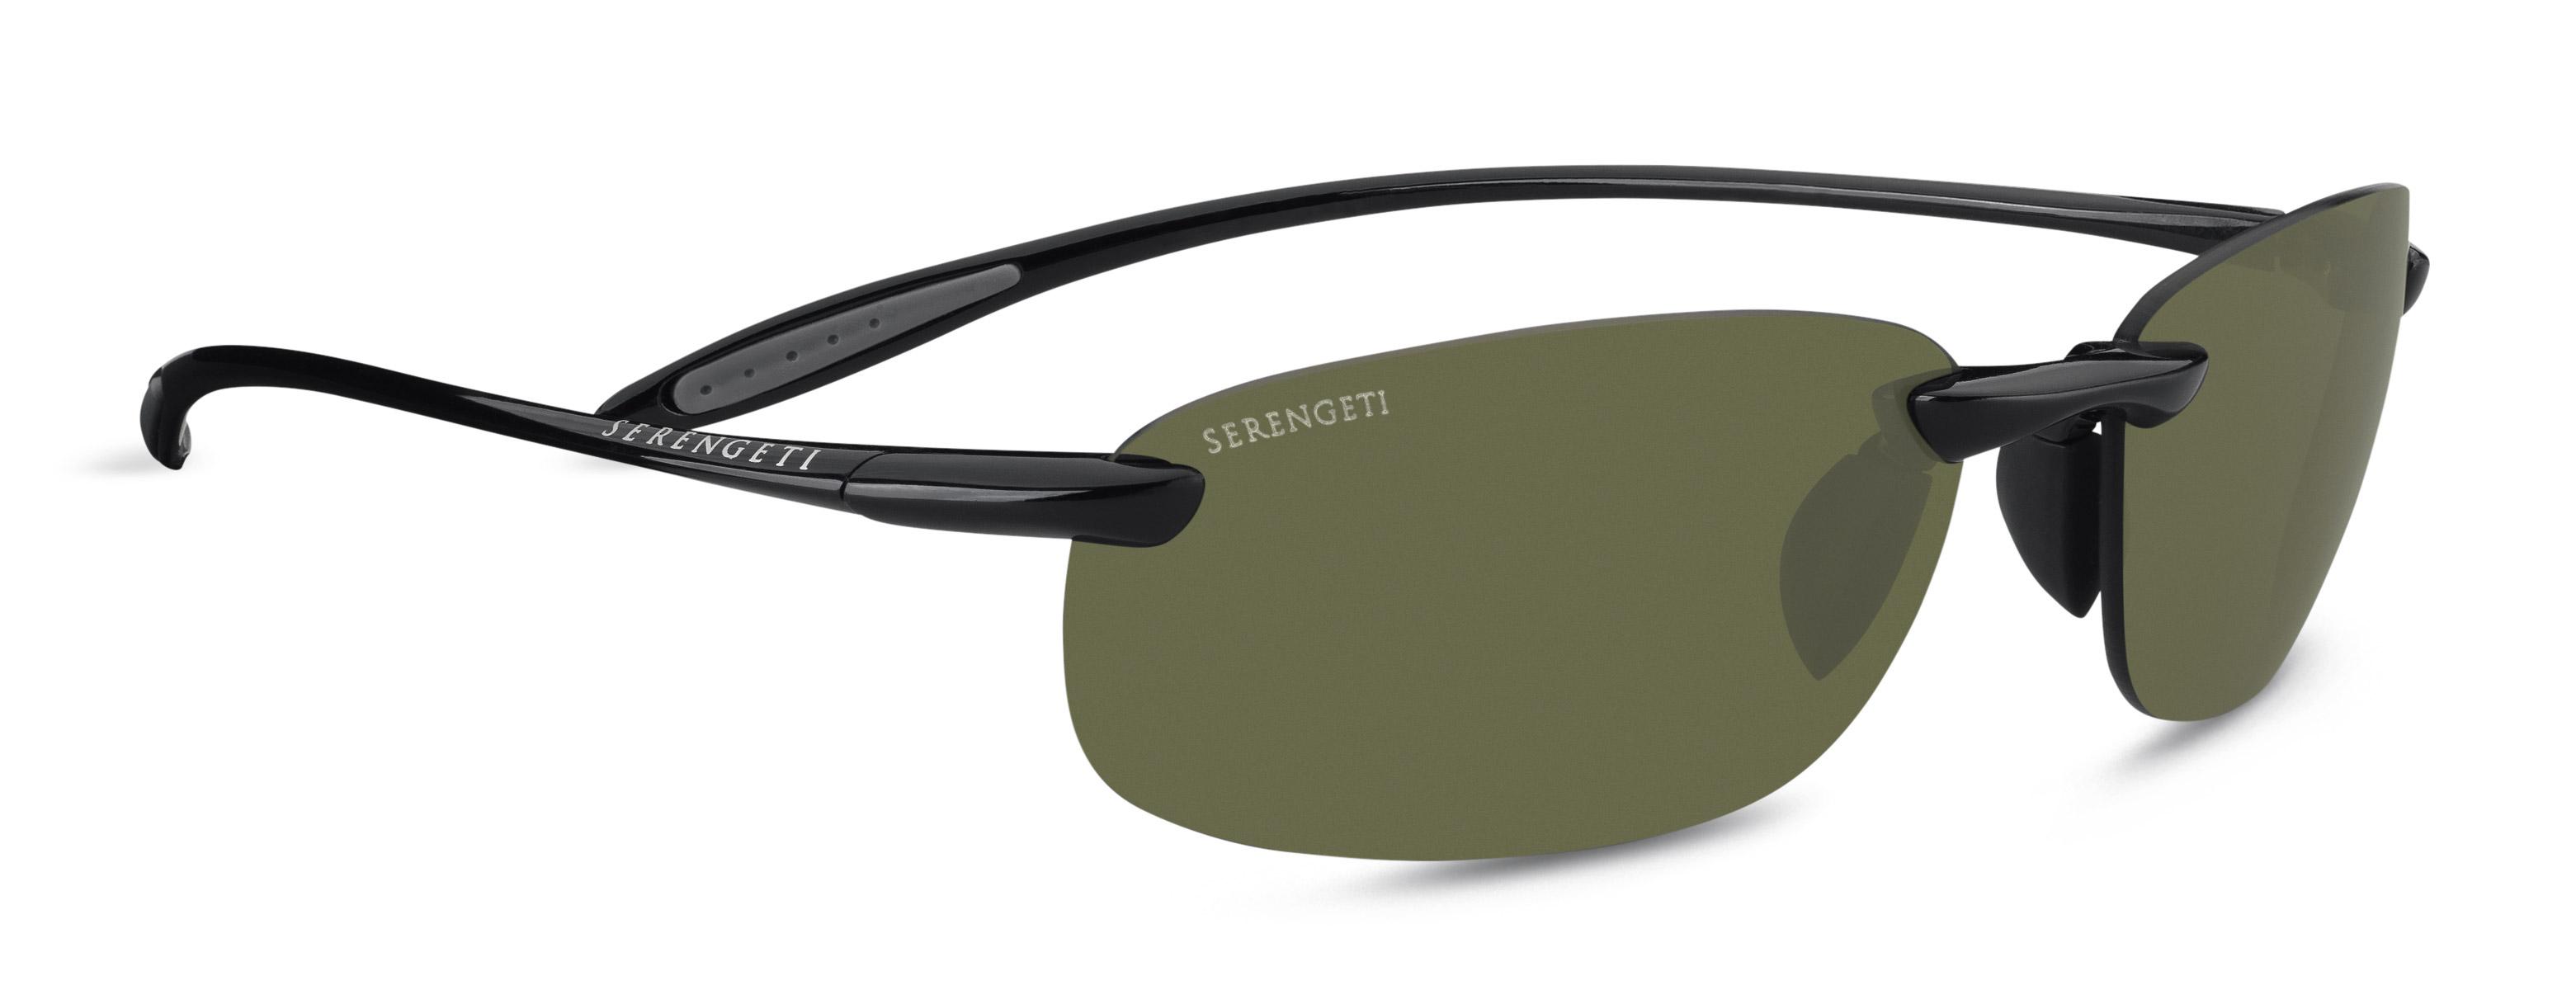 d0f21fb5a9 Serengeti Nuvola Sunglasses FREE S H 7360